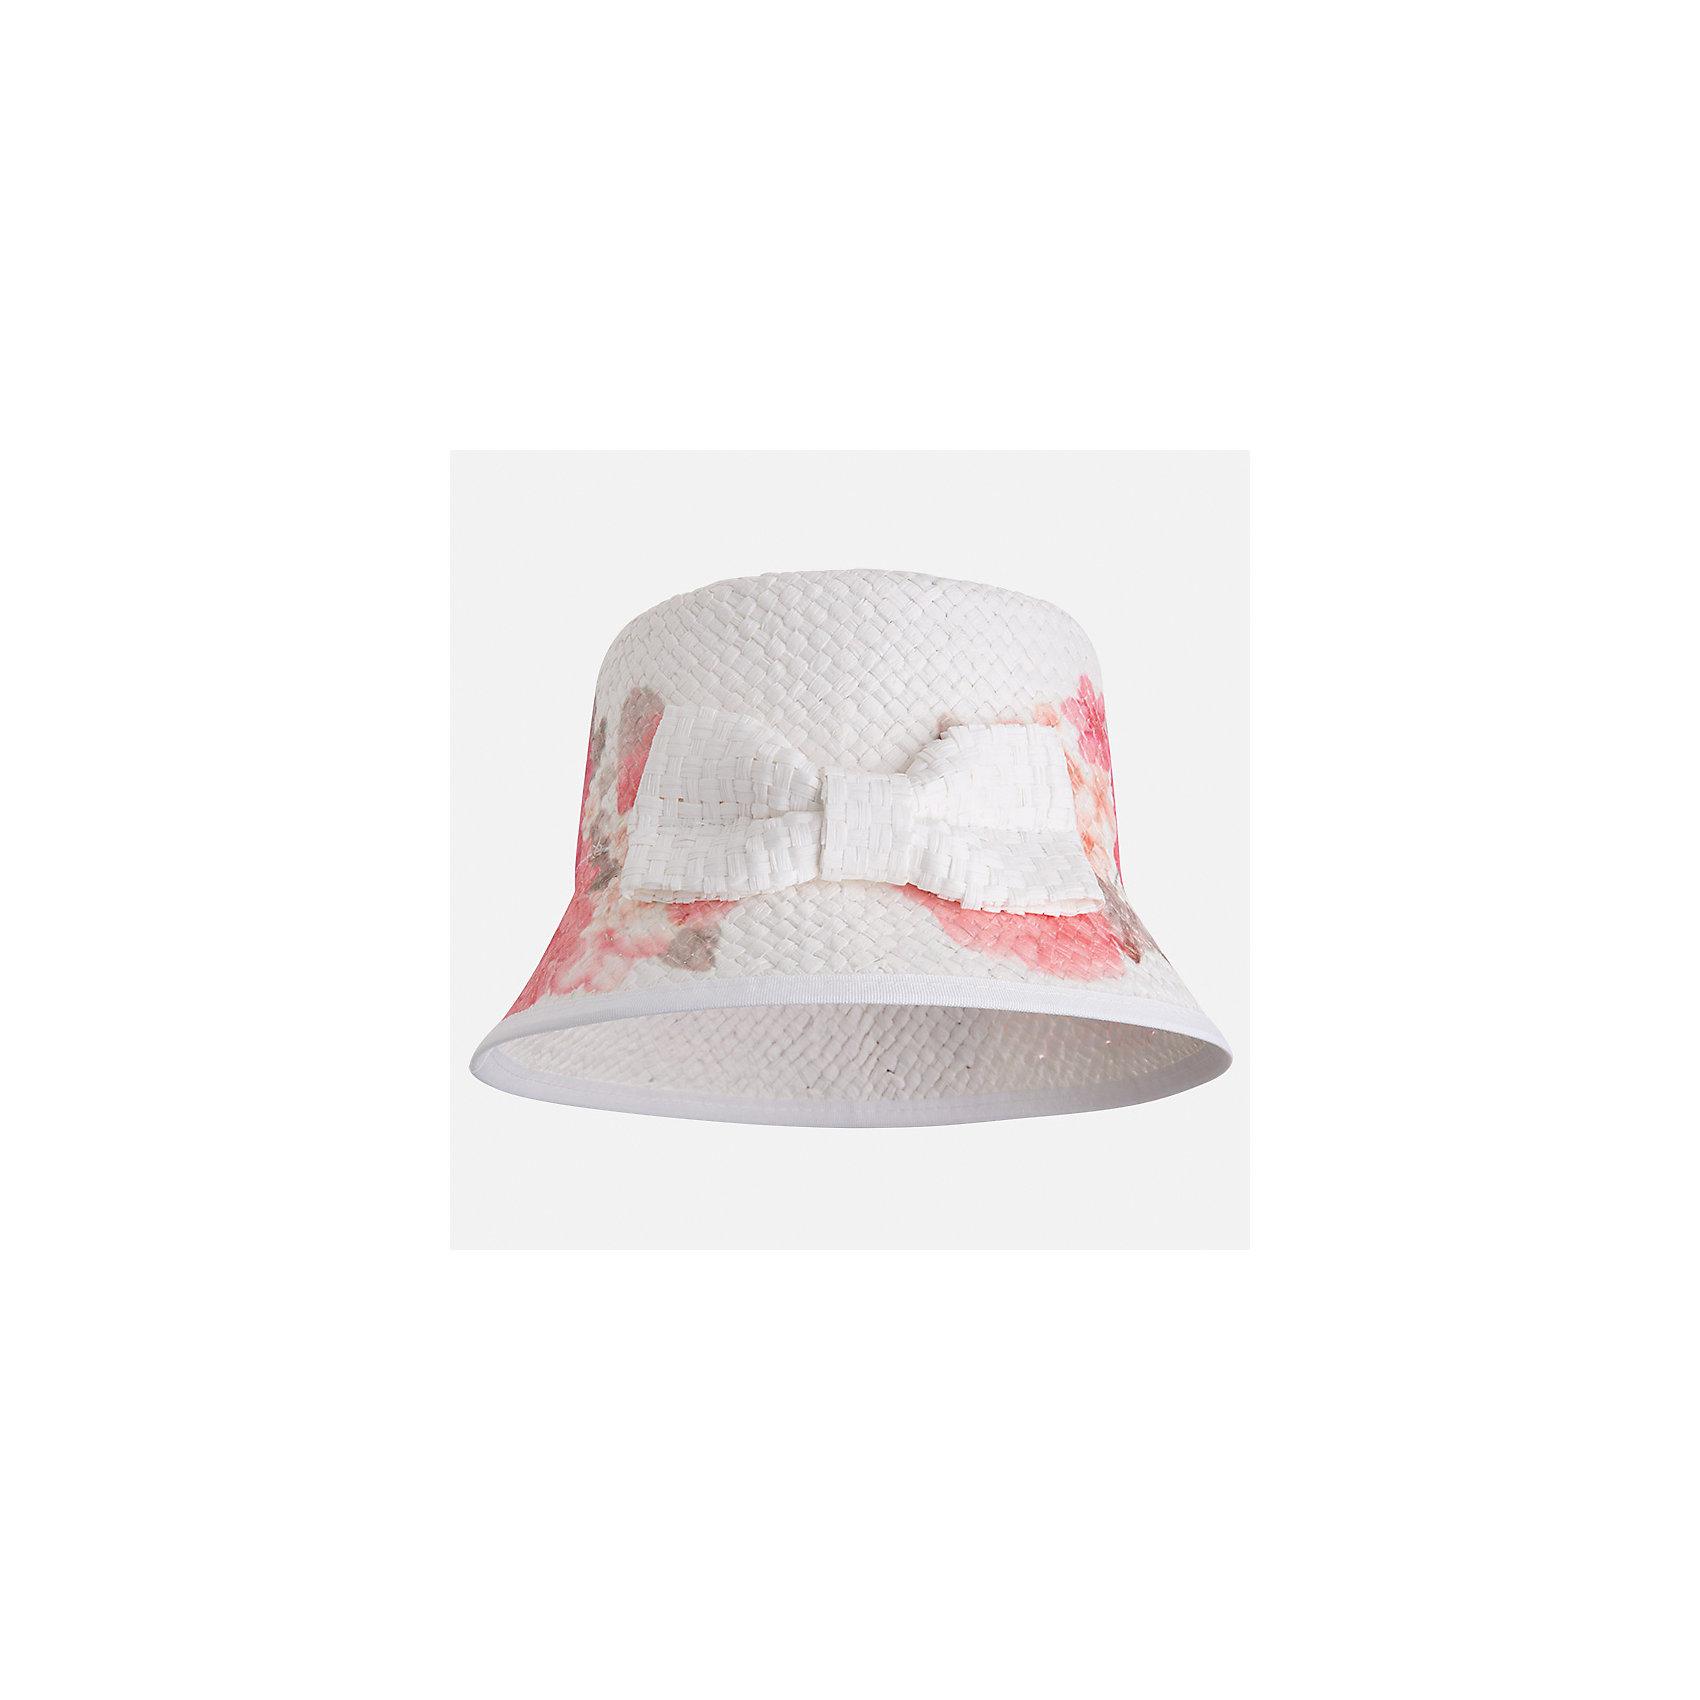 Шляпа для девочки MayoralЛетние<br>Характеристики товара:<br><br>• цвет: белый<br>• состав: 100% бумага<br>• принт<br>• дышащая фактура<br>• декорирована бантом<br>• страна бренда: Испания<br><br>Красивая легкая шляпа для девочки поможет обеспечить ребенку защиту от солнца и дополнить наряд. Шляпа удобно сидит и красиво смотрится. <br><br>Шляпу для девочки от испанского бренда Mayoral (Майорал) можно купить в нашем интернет-магазине.<br><br>Ширина мм: 89<br>Глубина мм: 117<br>Высота мм: 44<br>Вес г: 155<br>Цвет: оранжевый<br>Возраст от месяцев: 72<br>Возраст до месяцев: 84<br>Пол: Женский<br>Возраст: Детский<br>Размер: 54,50,52<br>SKU: 5293523